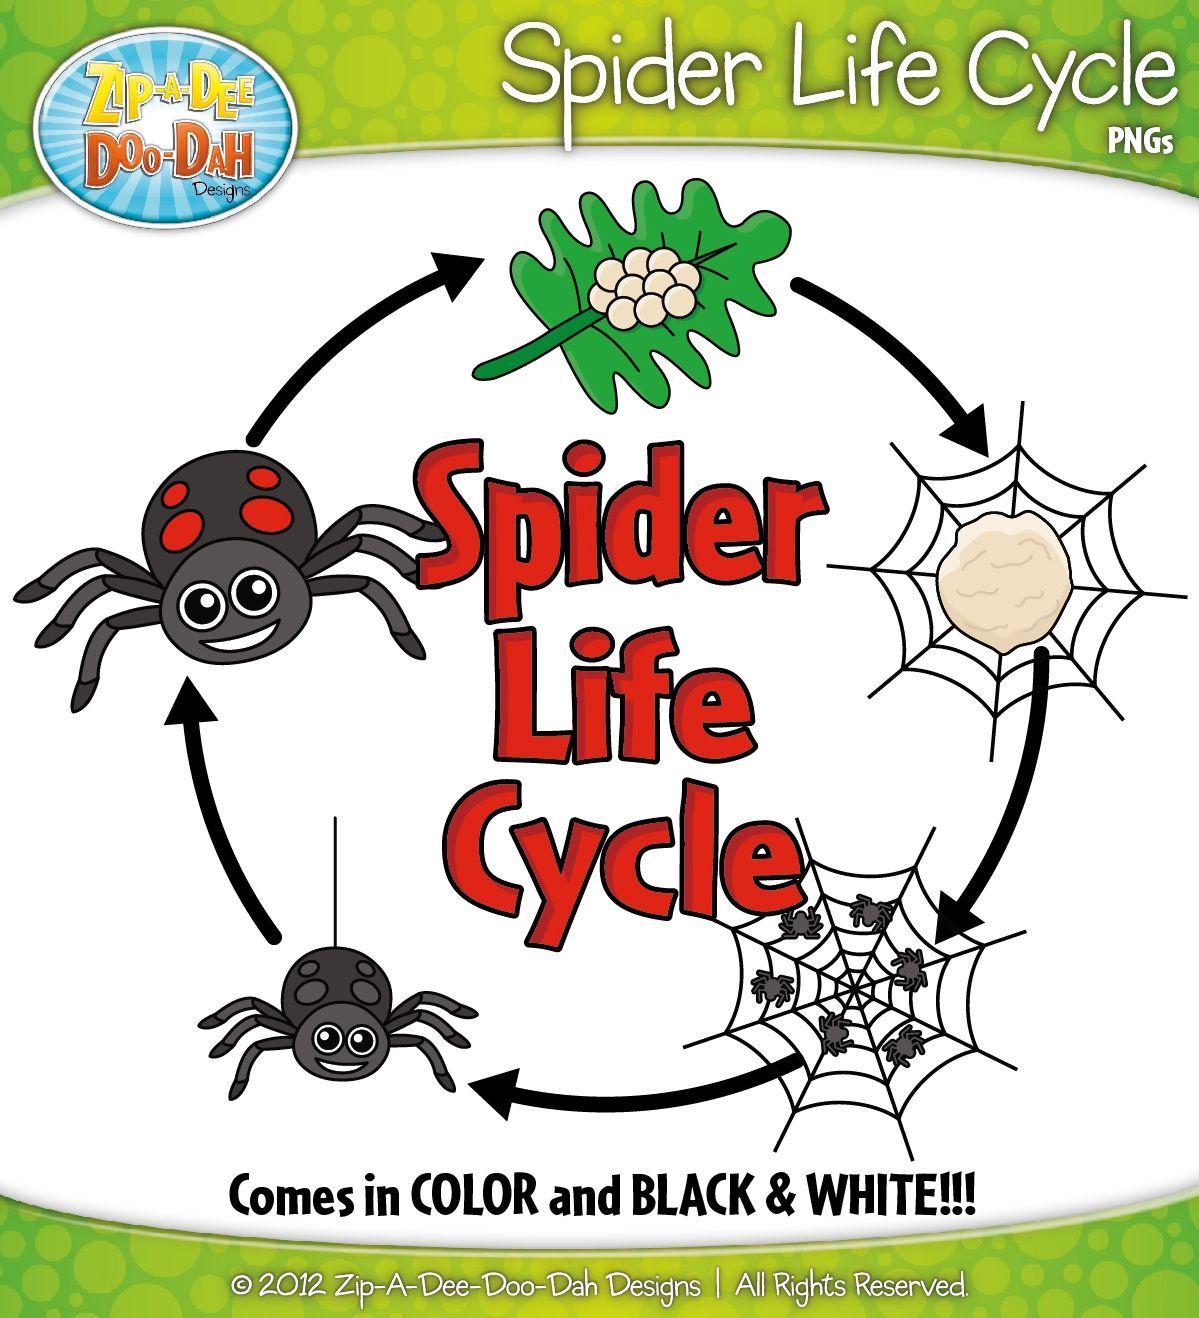 Spider Life Cycle Clipart Zip A Dee Doo Dah Designs